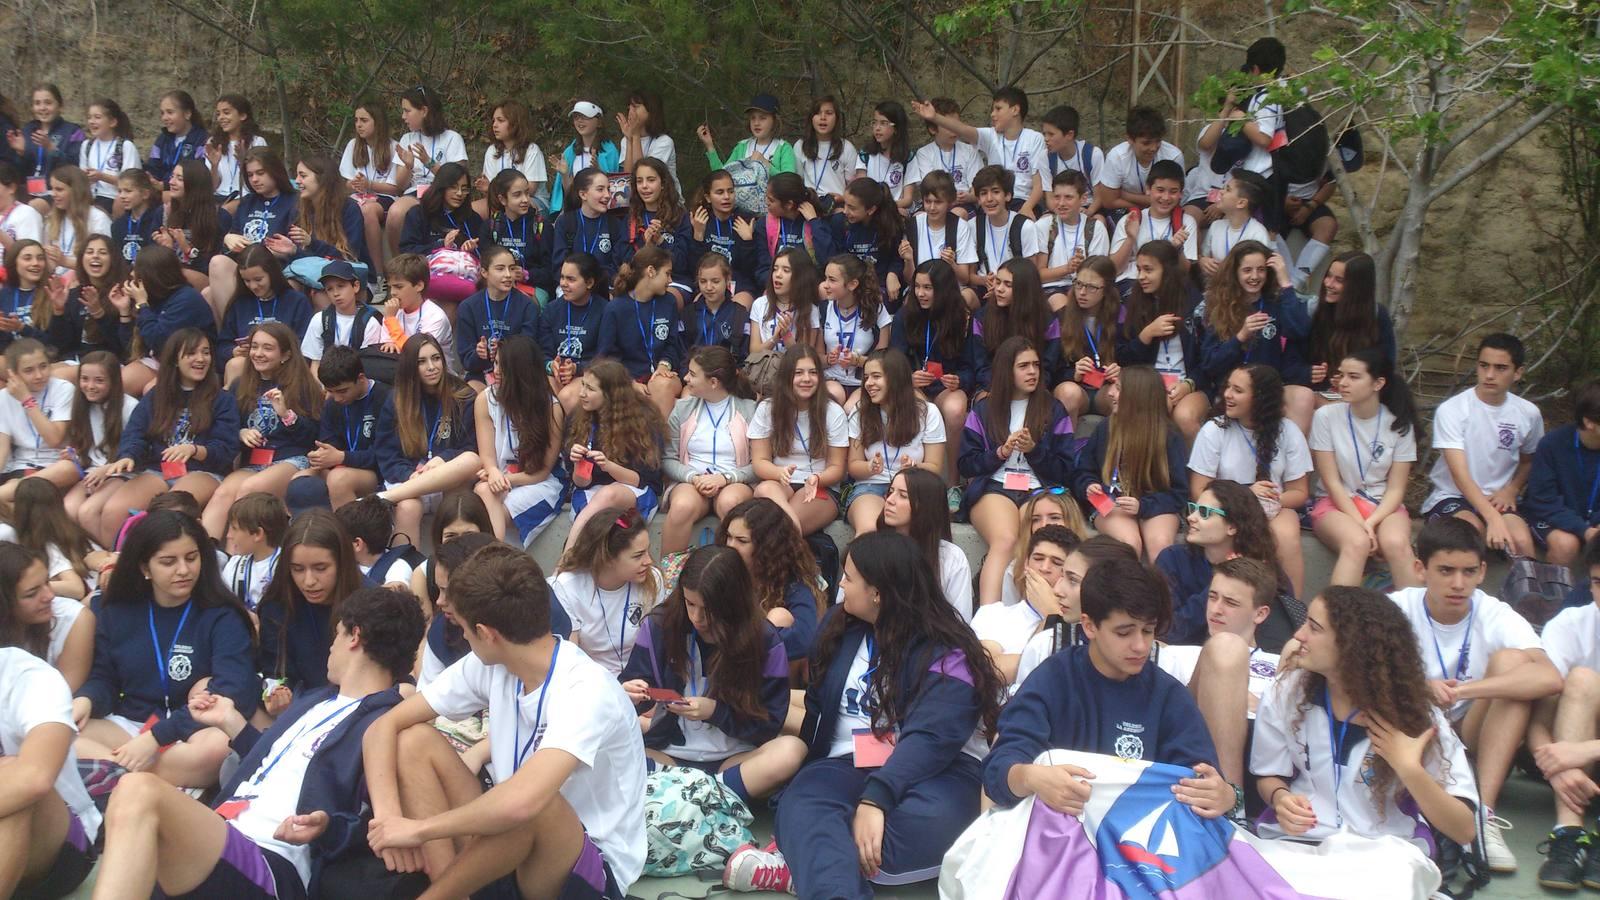 250 alumnos gijoneses de La Asunción viajan a Málaga por el 150 aniversario de la congregación